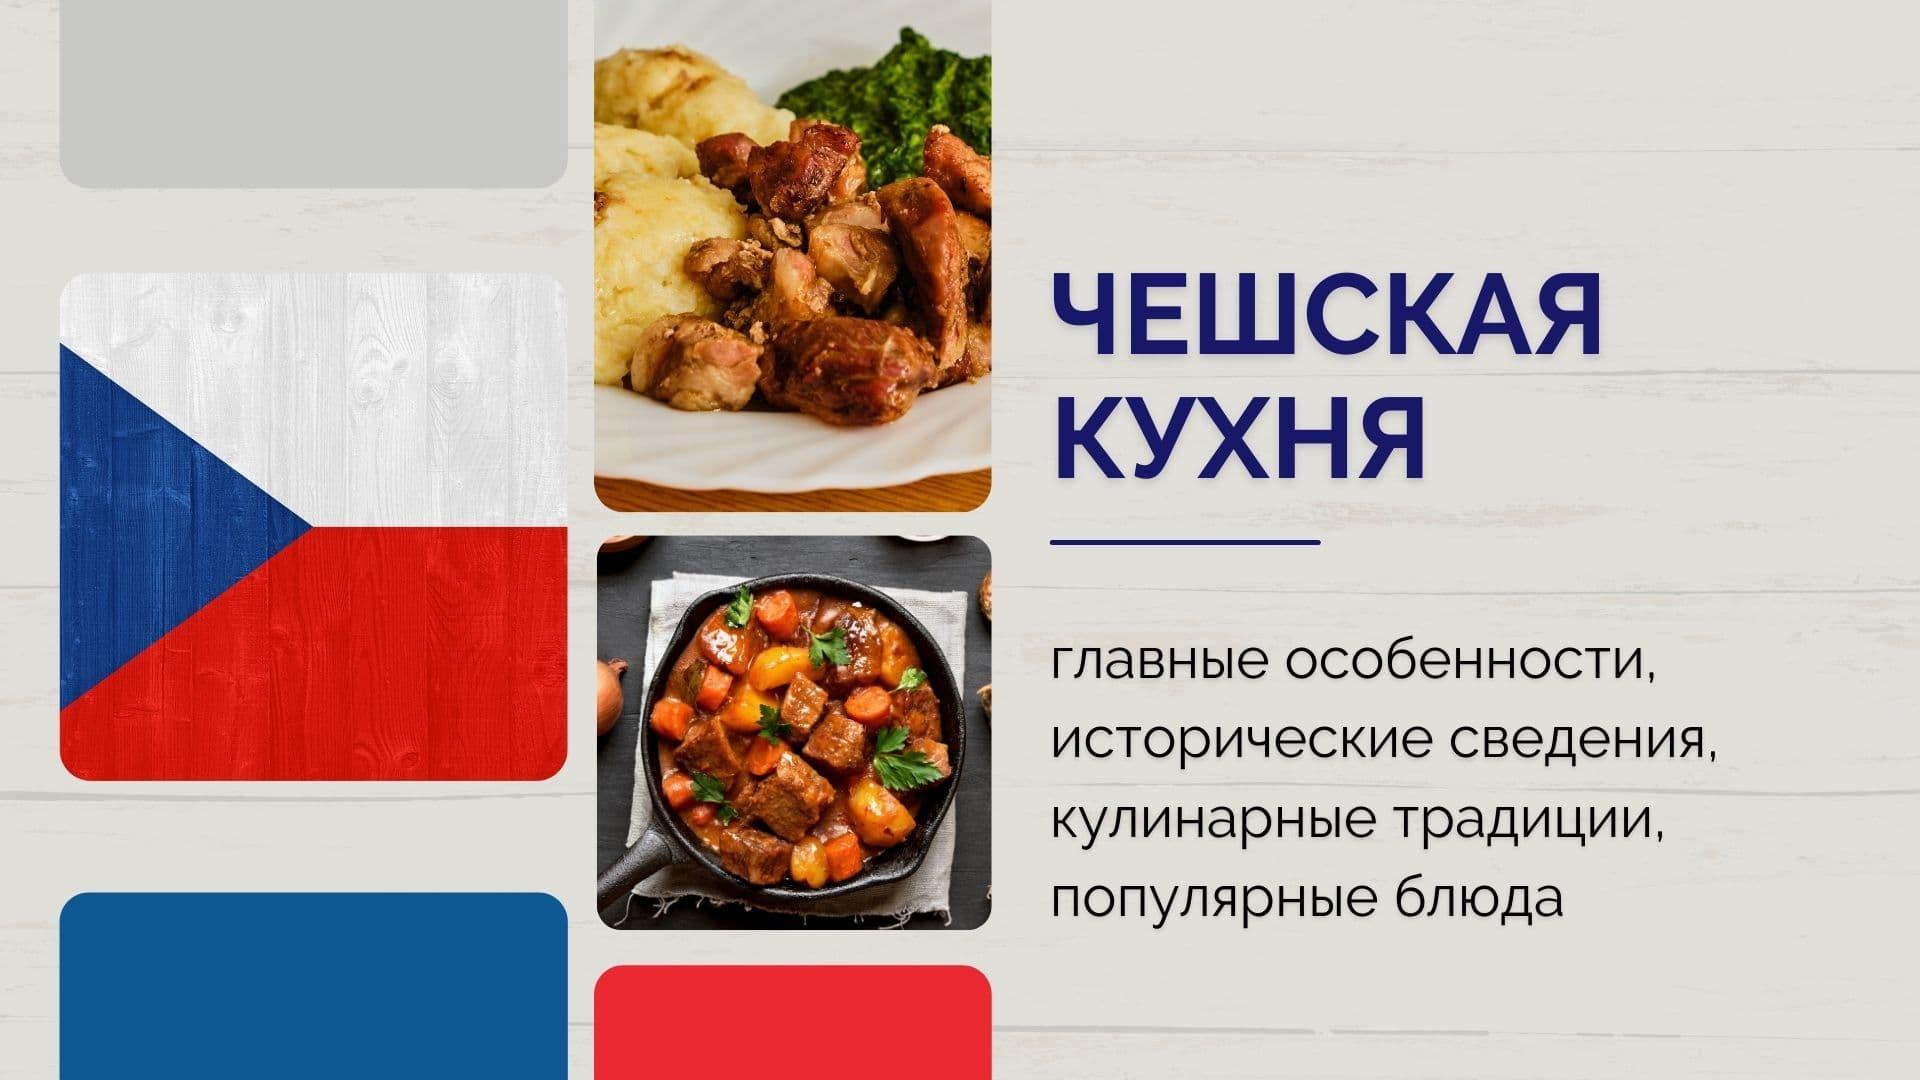 Чешская кухня: главные особенности, исторические сведения, кулинарные традиции, популярные блюда